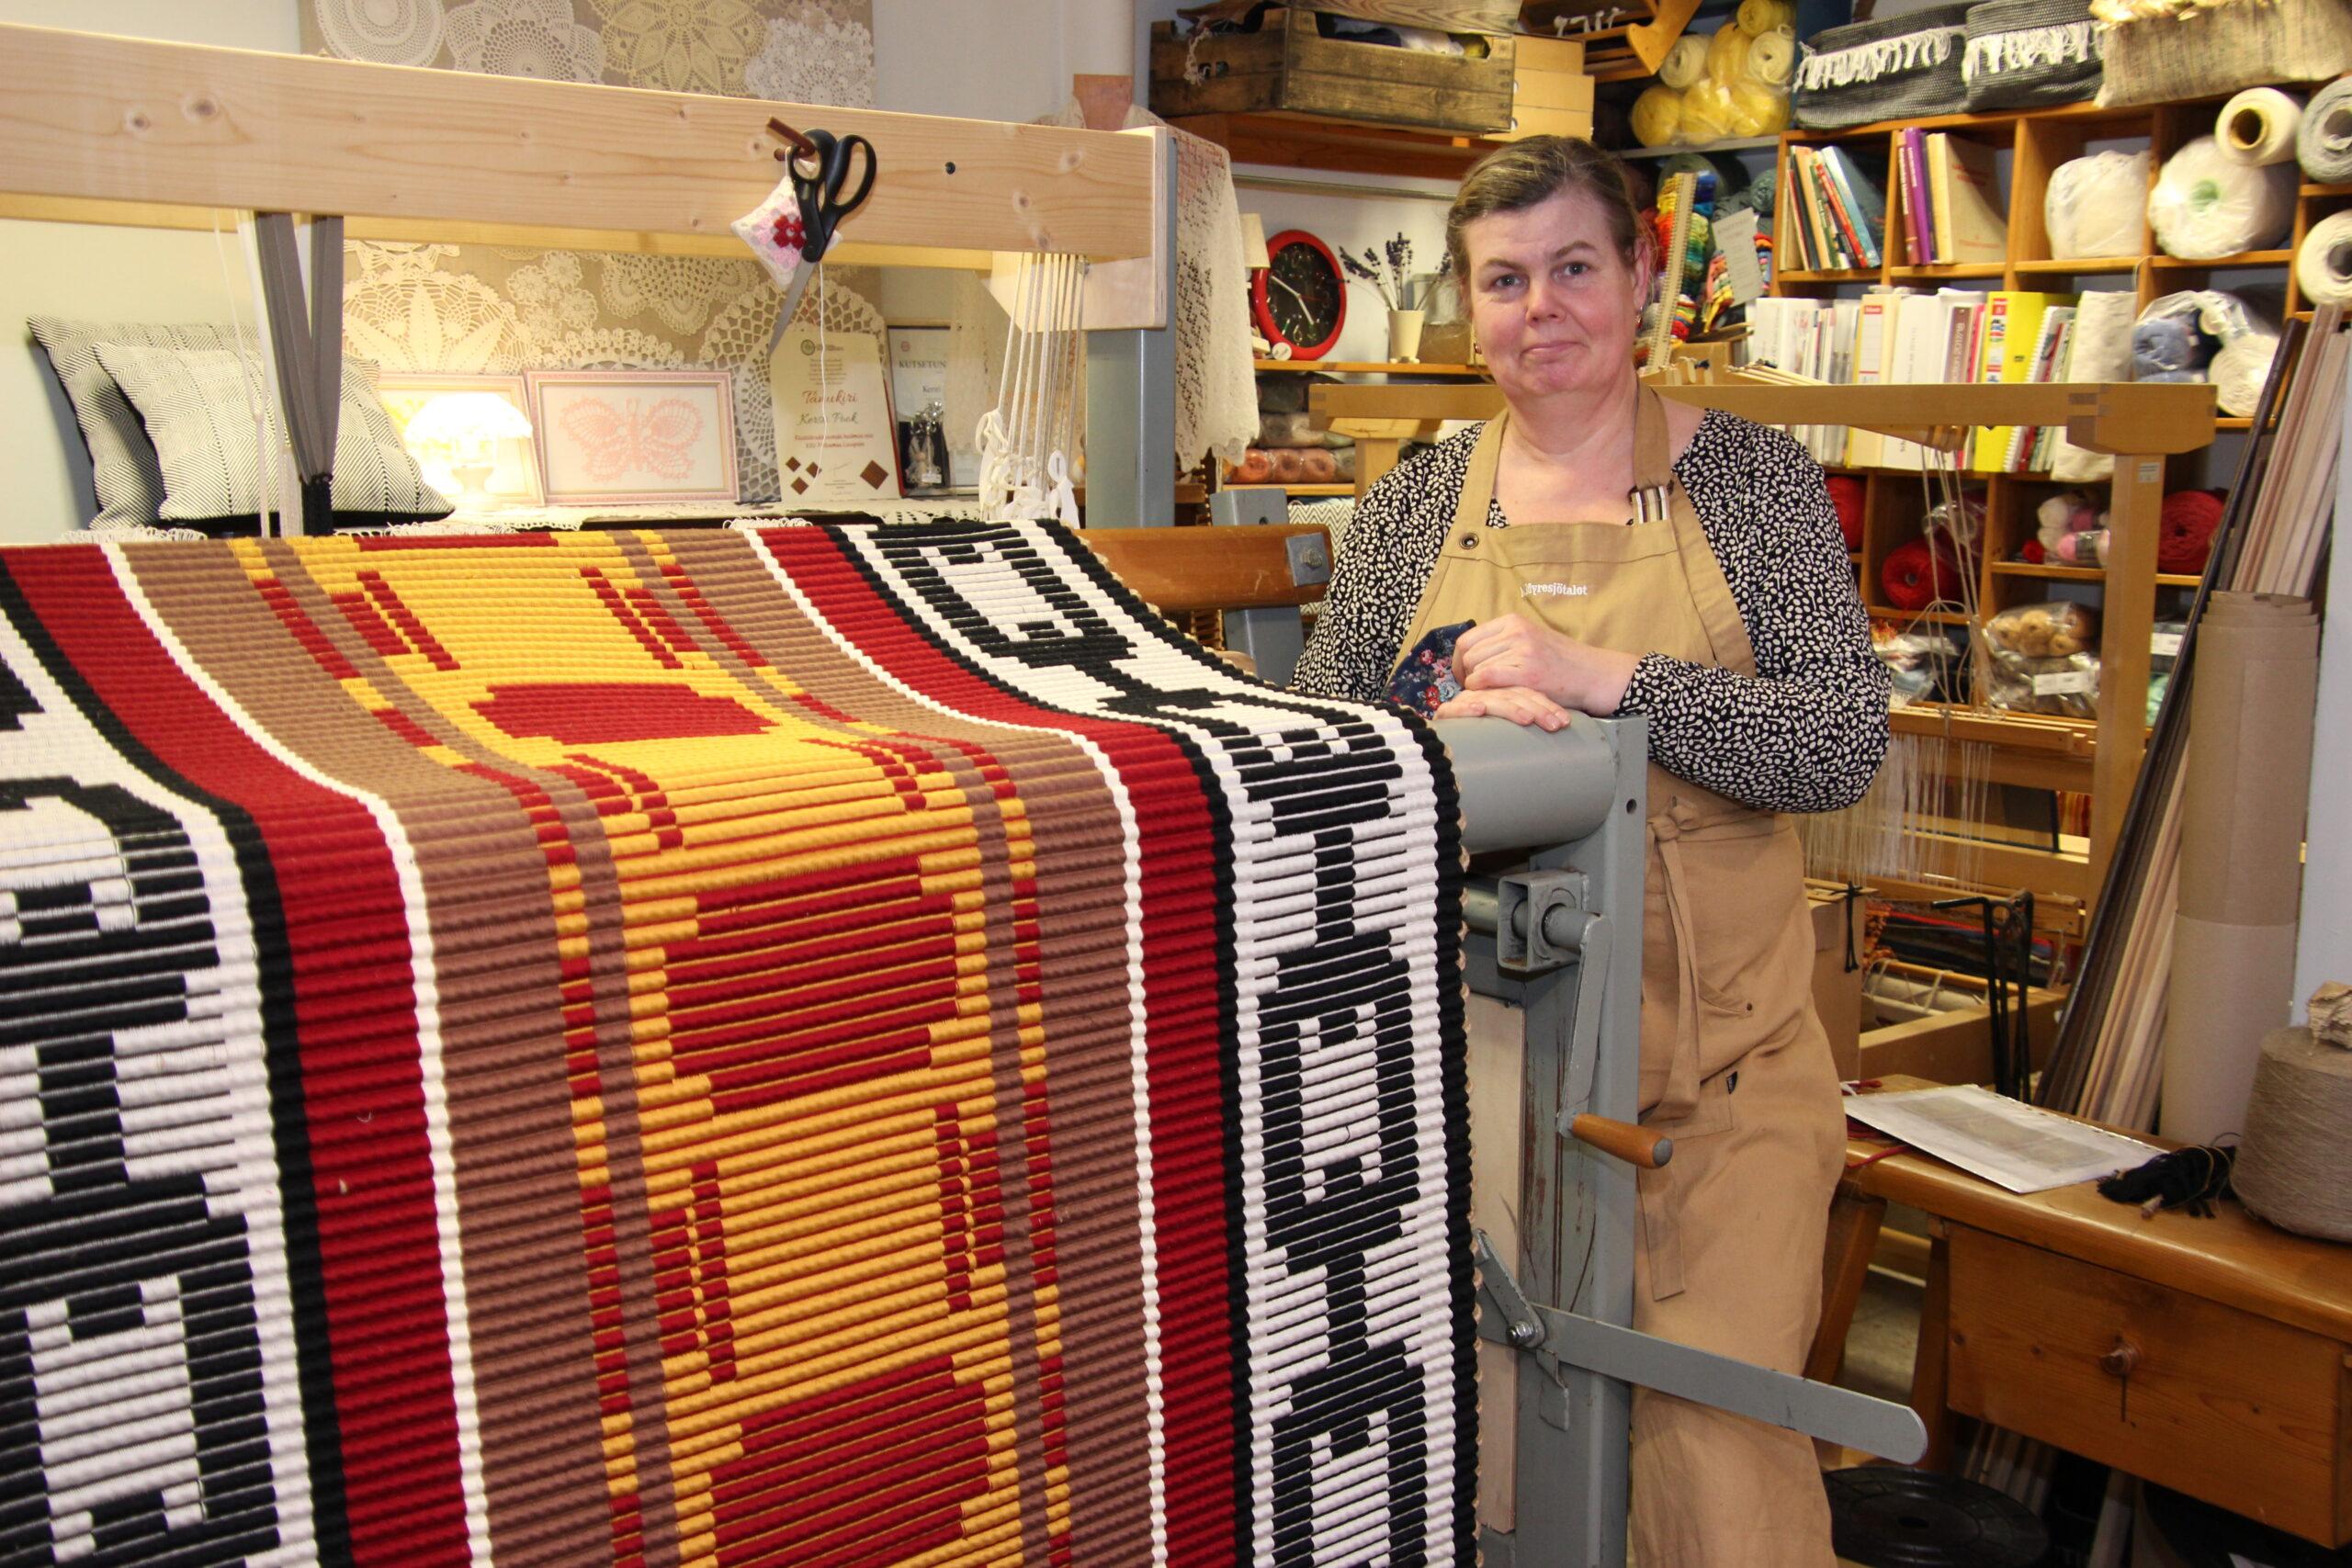 Maakonna tegu 2020 tiitli pälvis põltsamaalanna Kersti Pook. Foto Raimo Metsamärt.